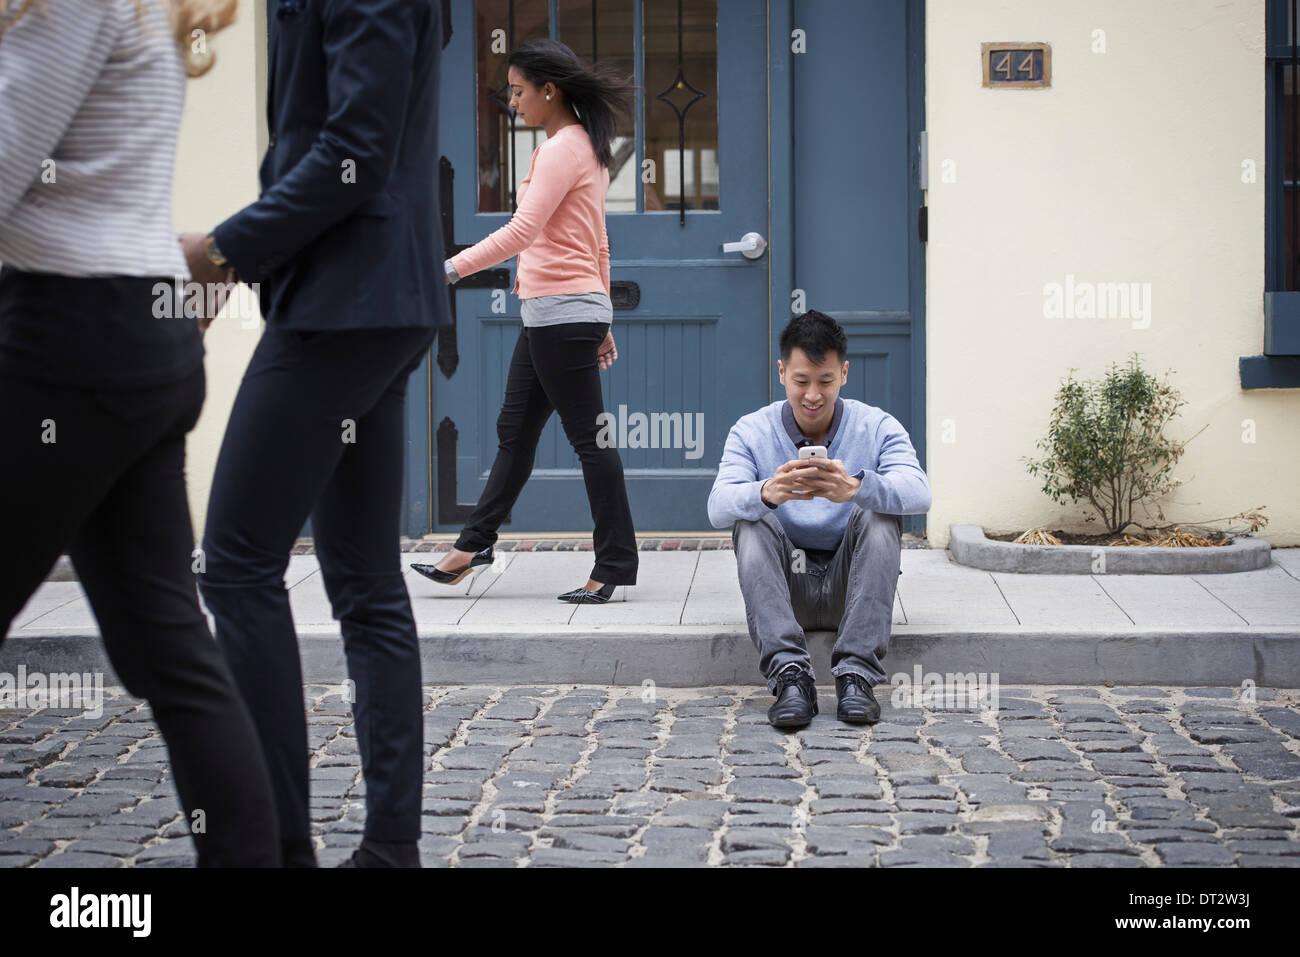 Les jeunes à l'extérieur sur les rues de la ville au printemps, un homme assis sur le terrain vérifier son téléphone et trois passants Photo Stock